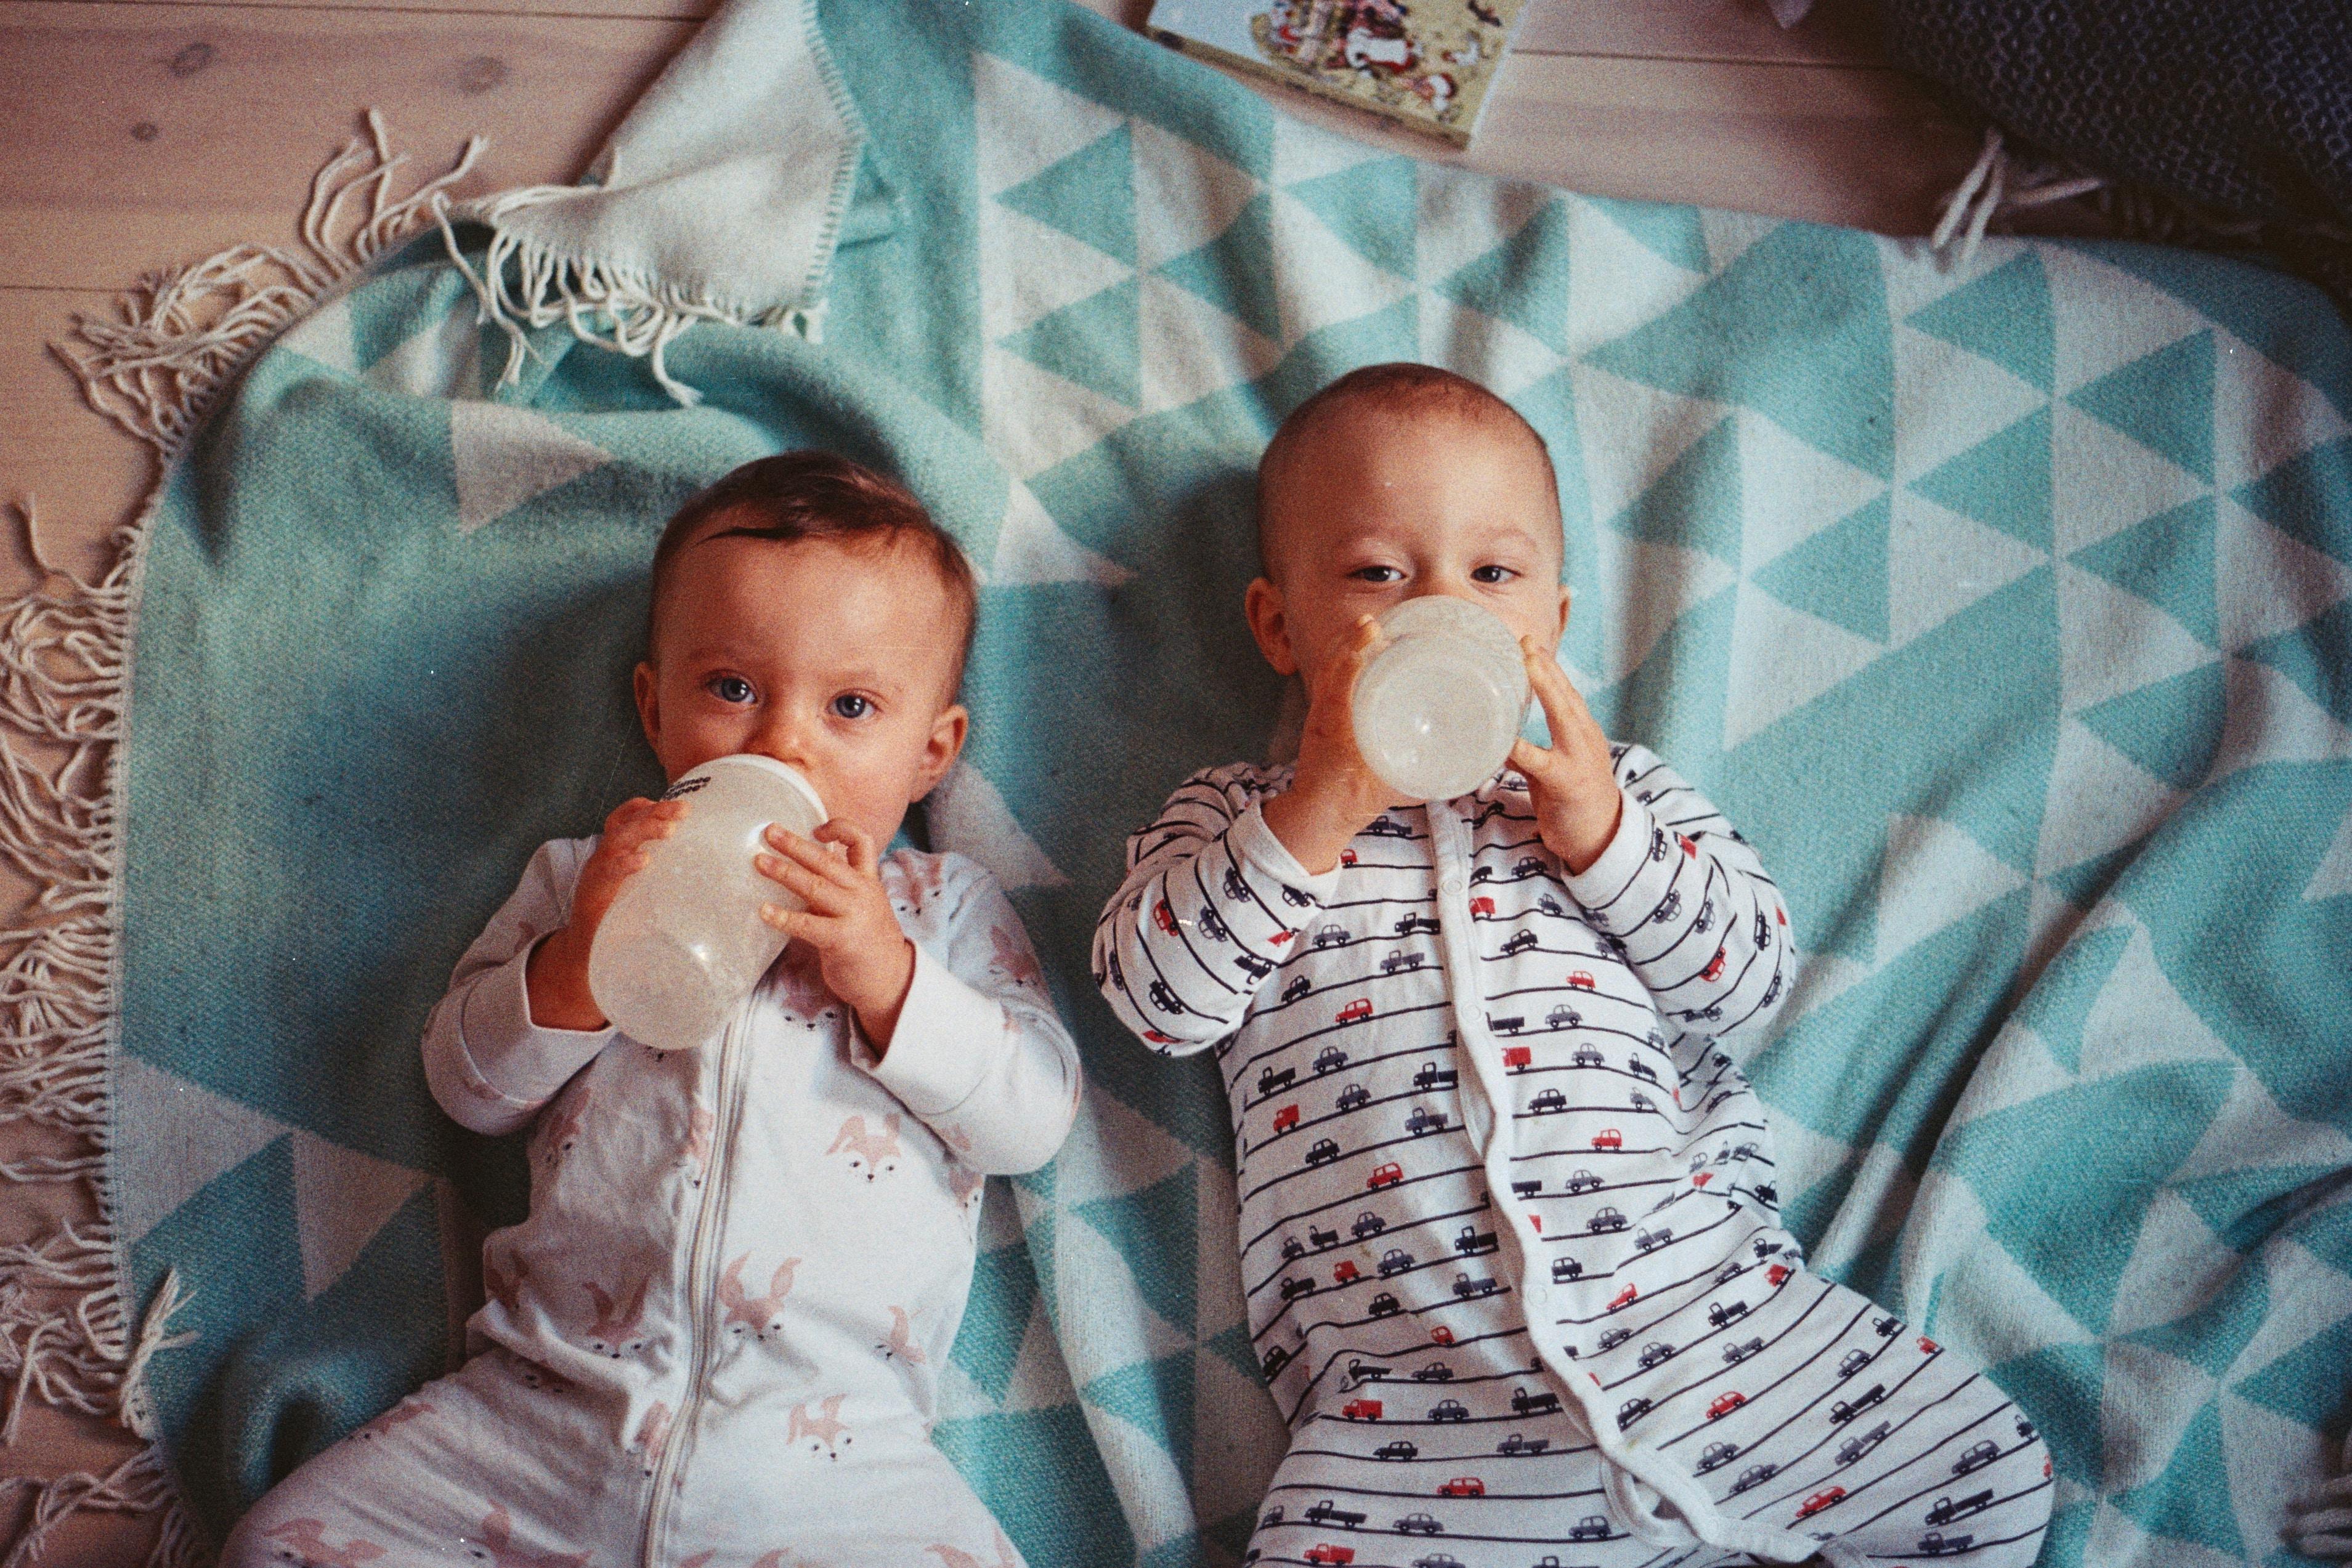 Bliźnięta poczęte dzięki in vitro mają dwóch ojców